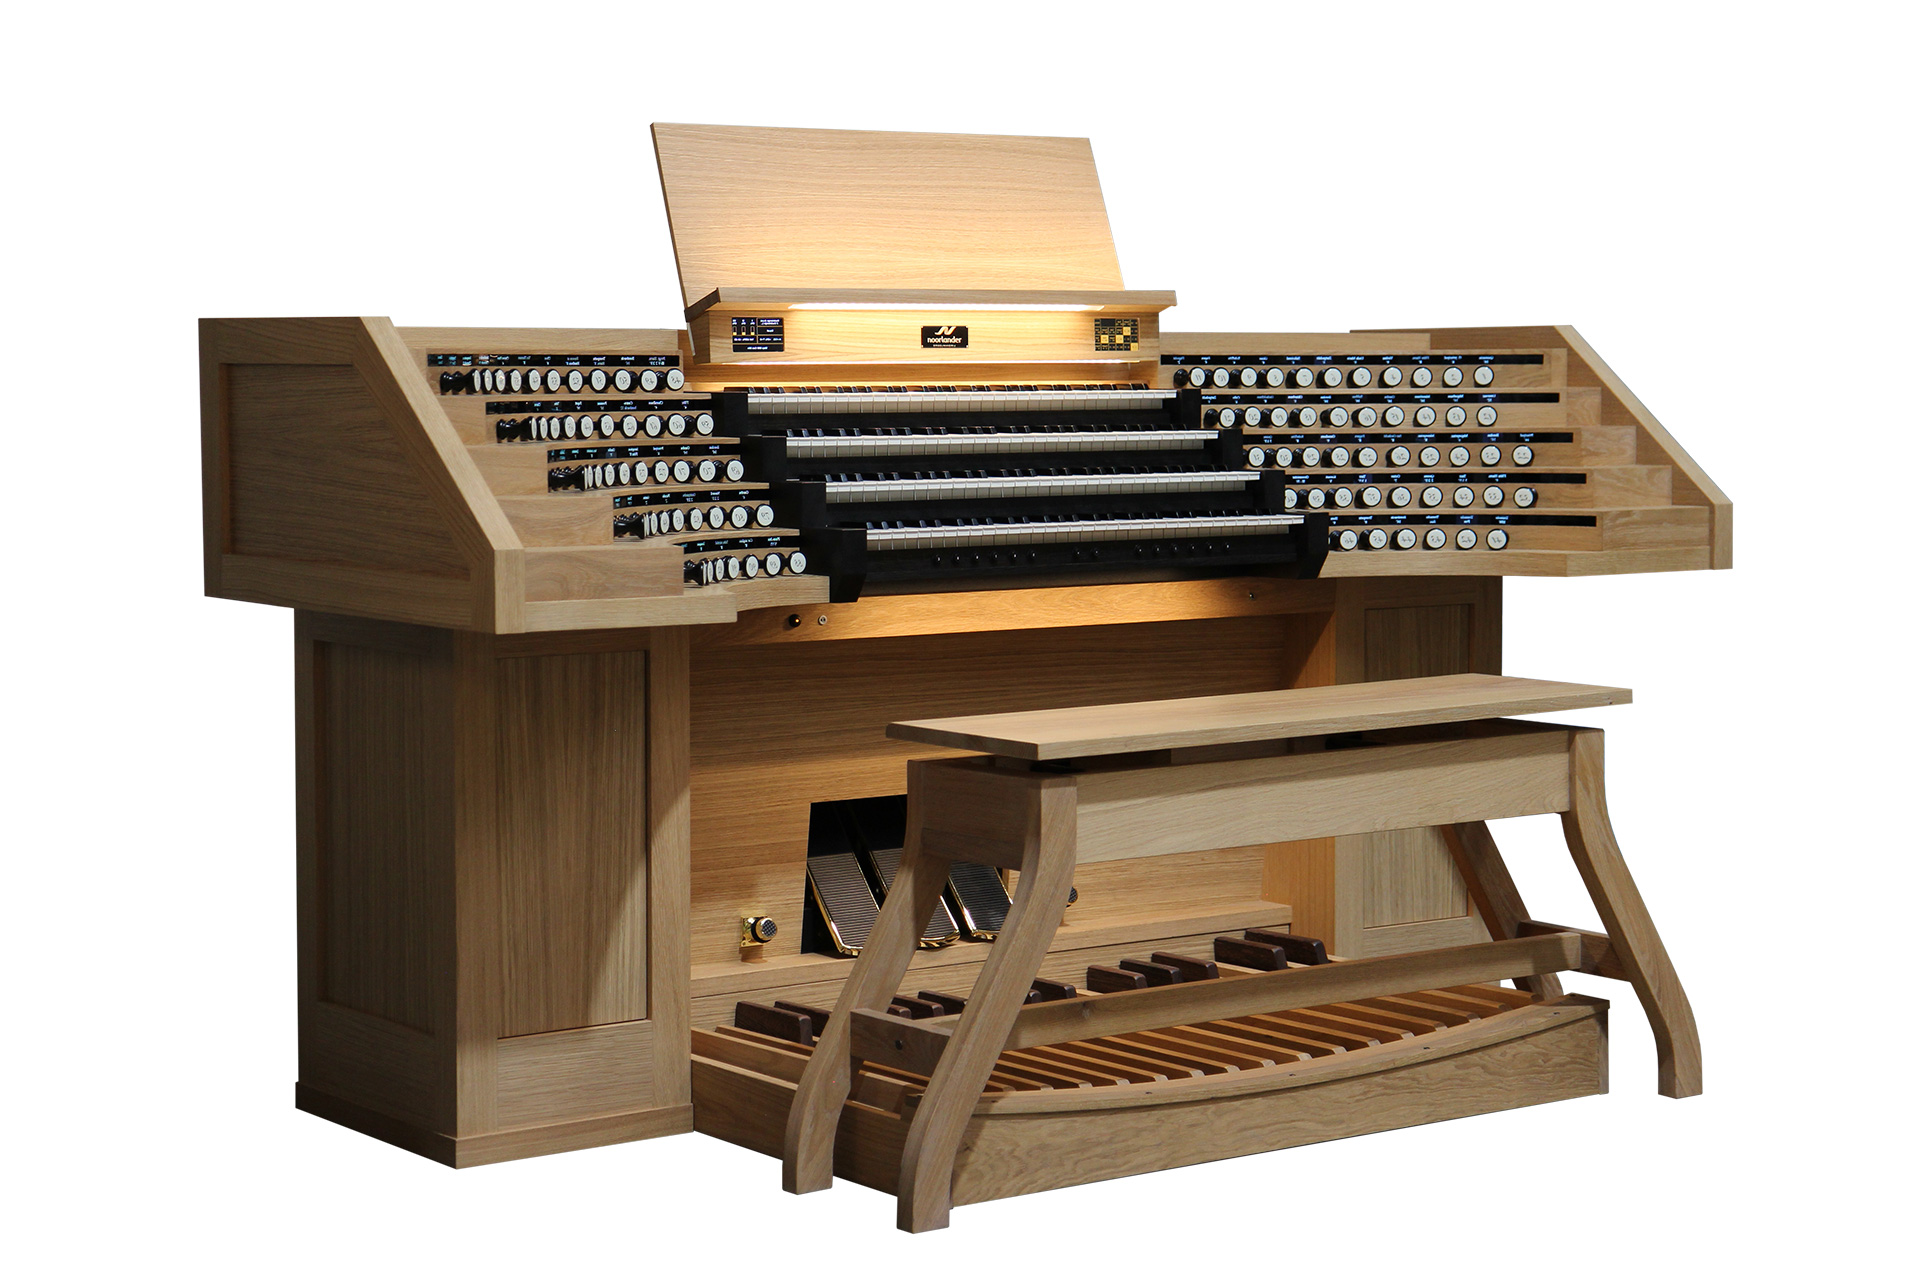 Orgel op maat gemaakt